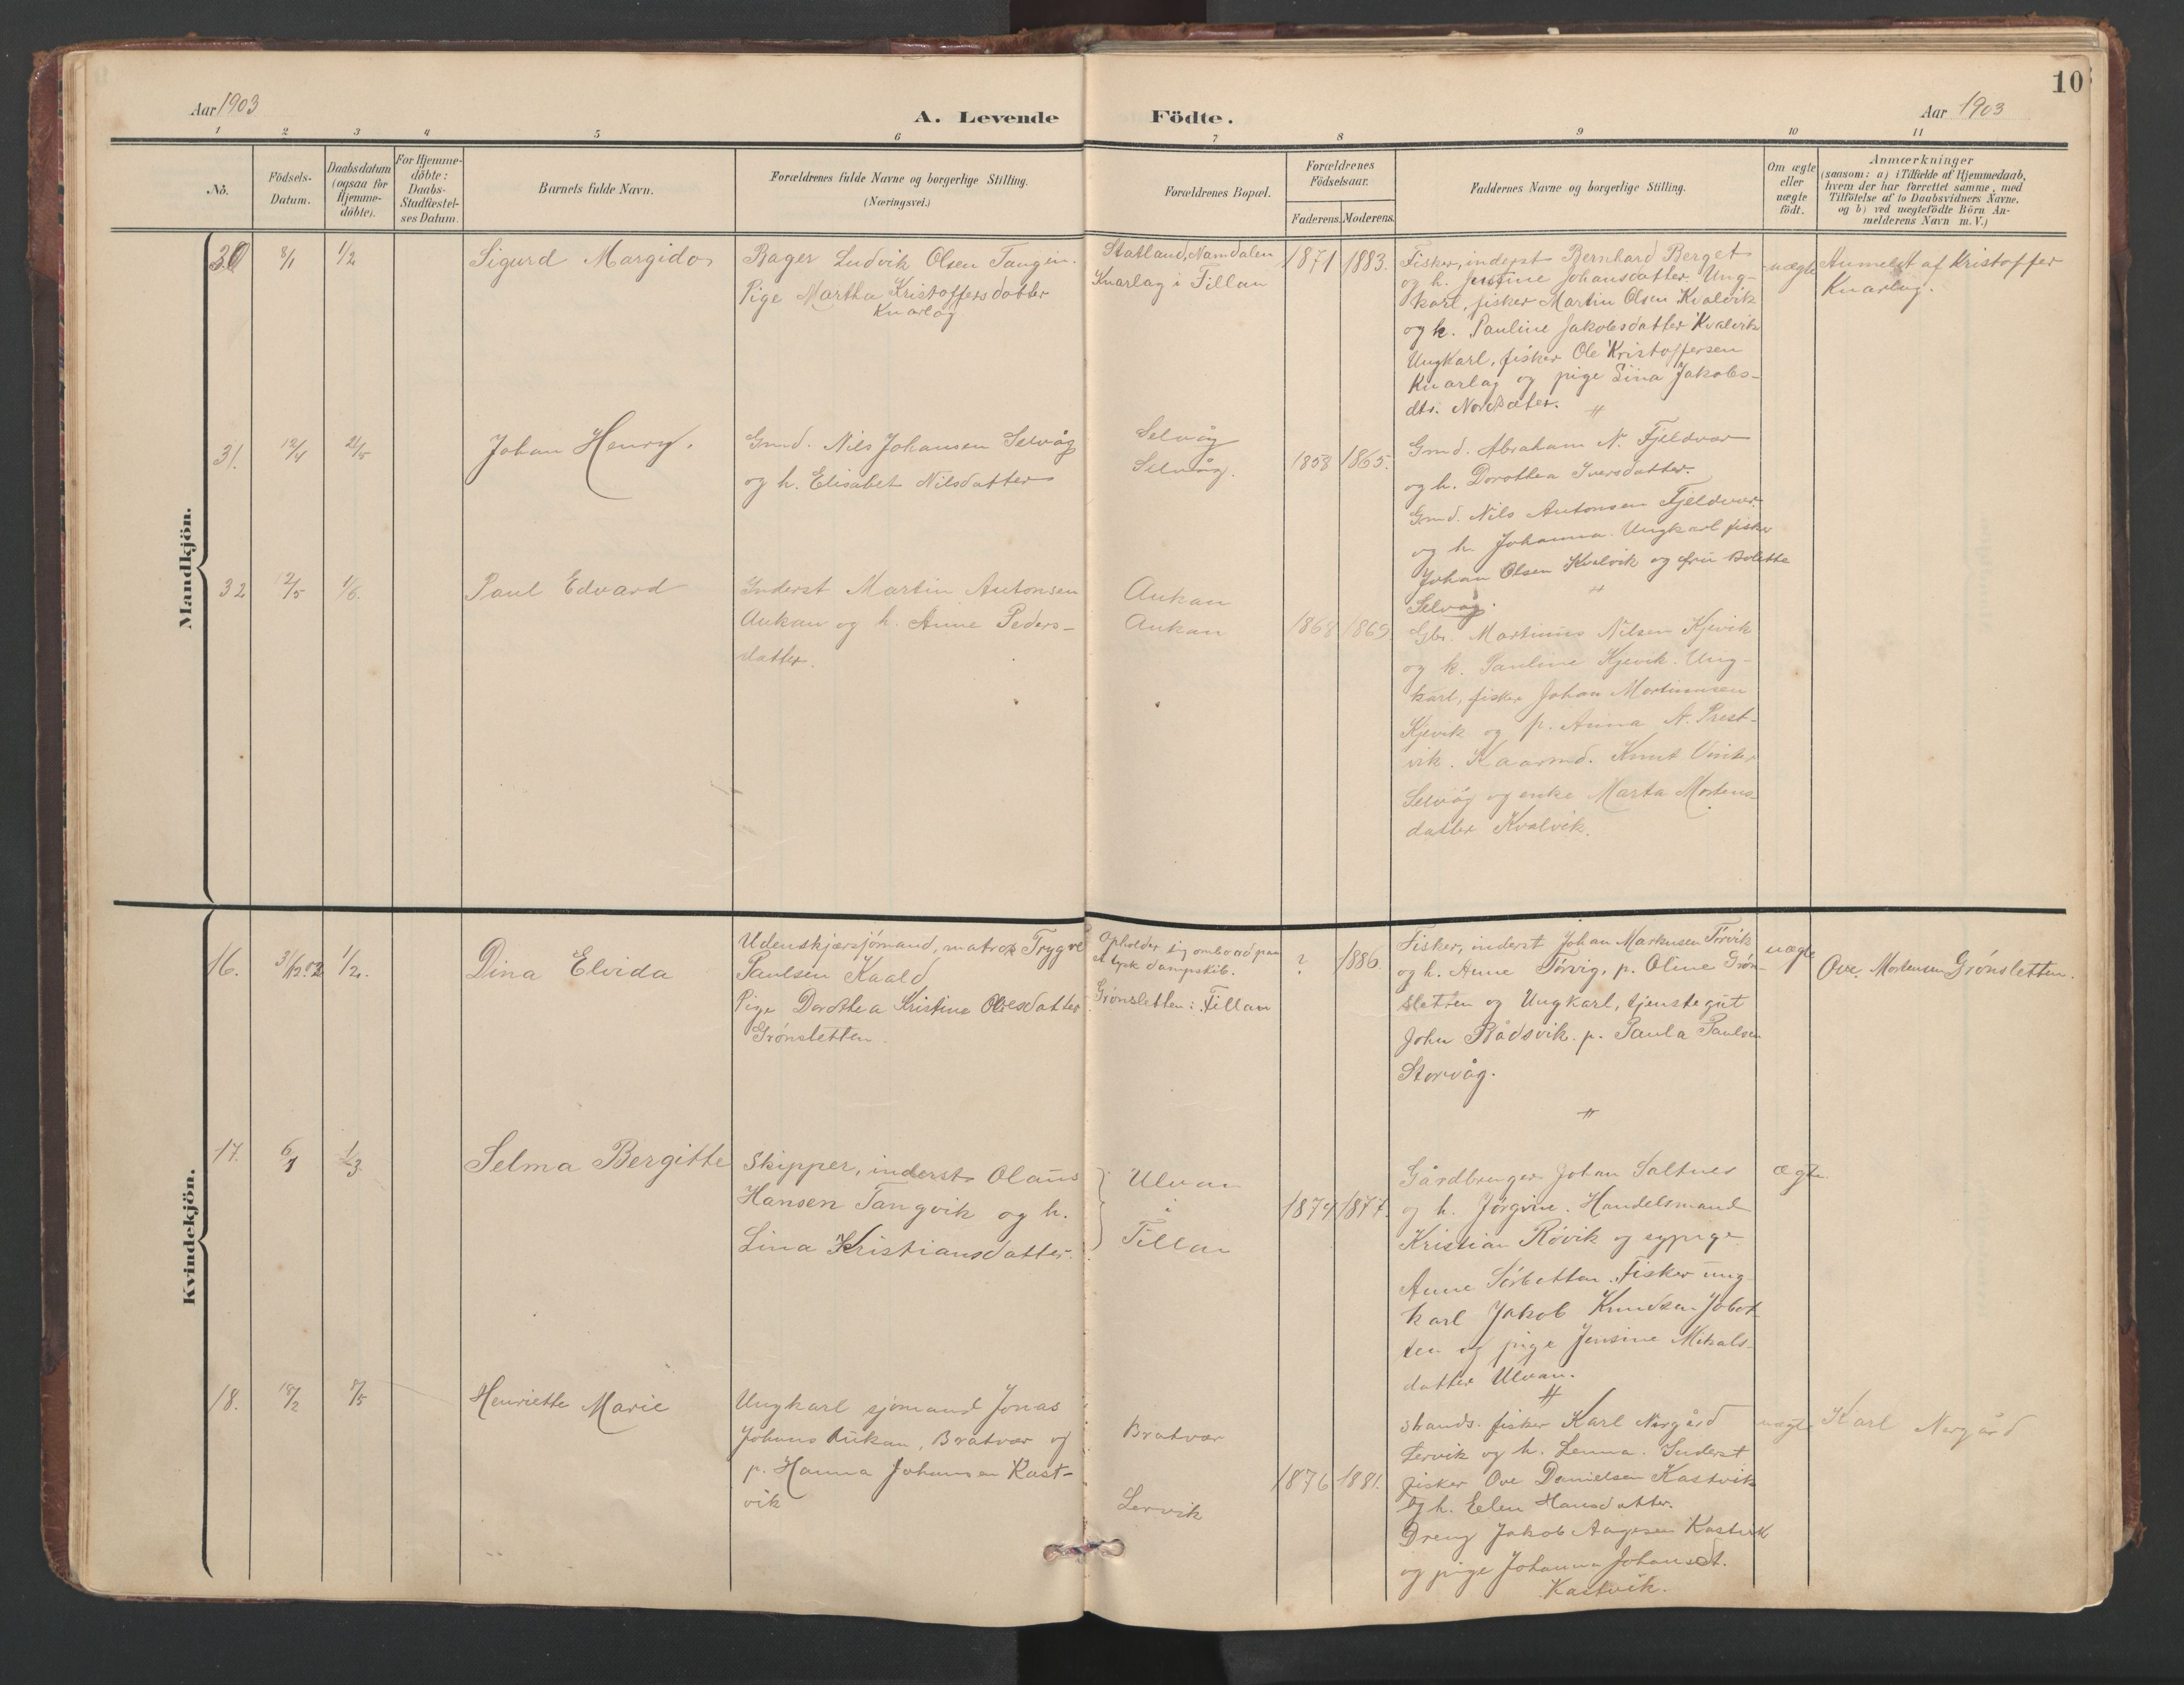 SAT, Ministerialprotokoller, klokkerbøker og fødselsregistre - Sør-Trøndelag, 638/L0571: Klokkerbok nr. 638C03, 1901-1930, s. 10